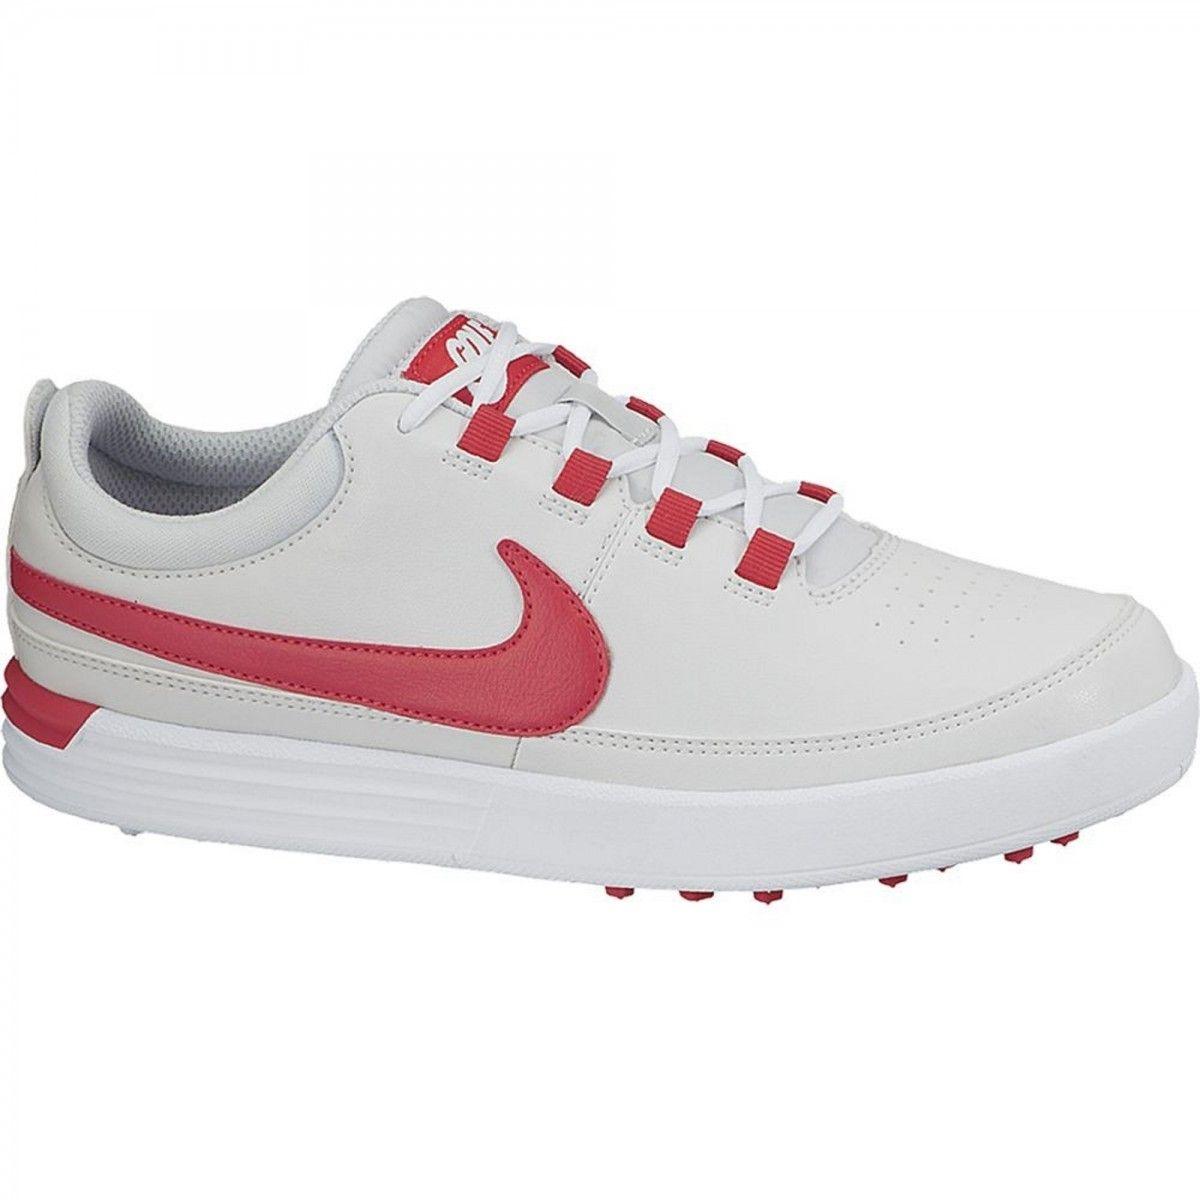 buy popular 10908 2d40c Nike VT Junior 001 White Red Men s Golf Shoe from  golfskipin